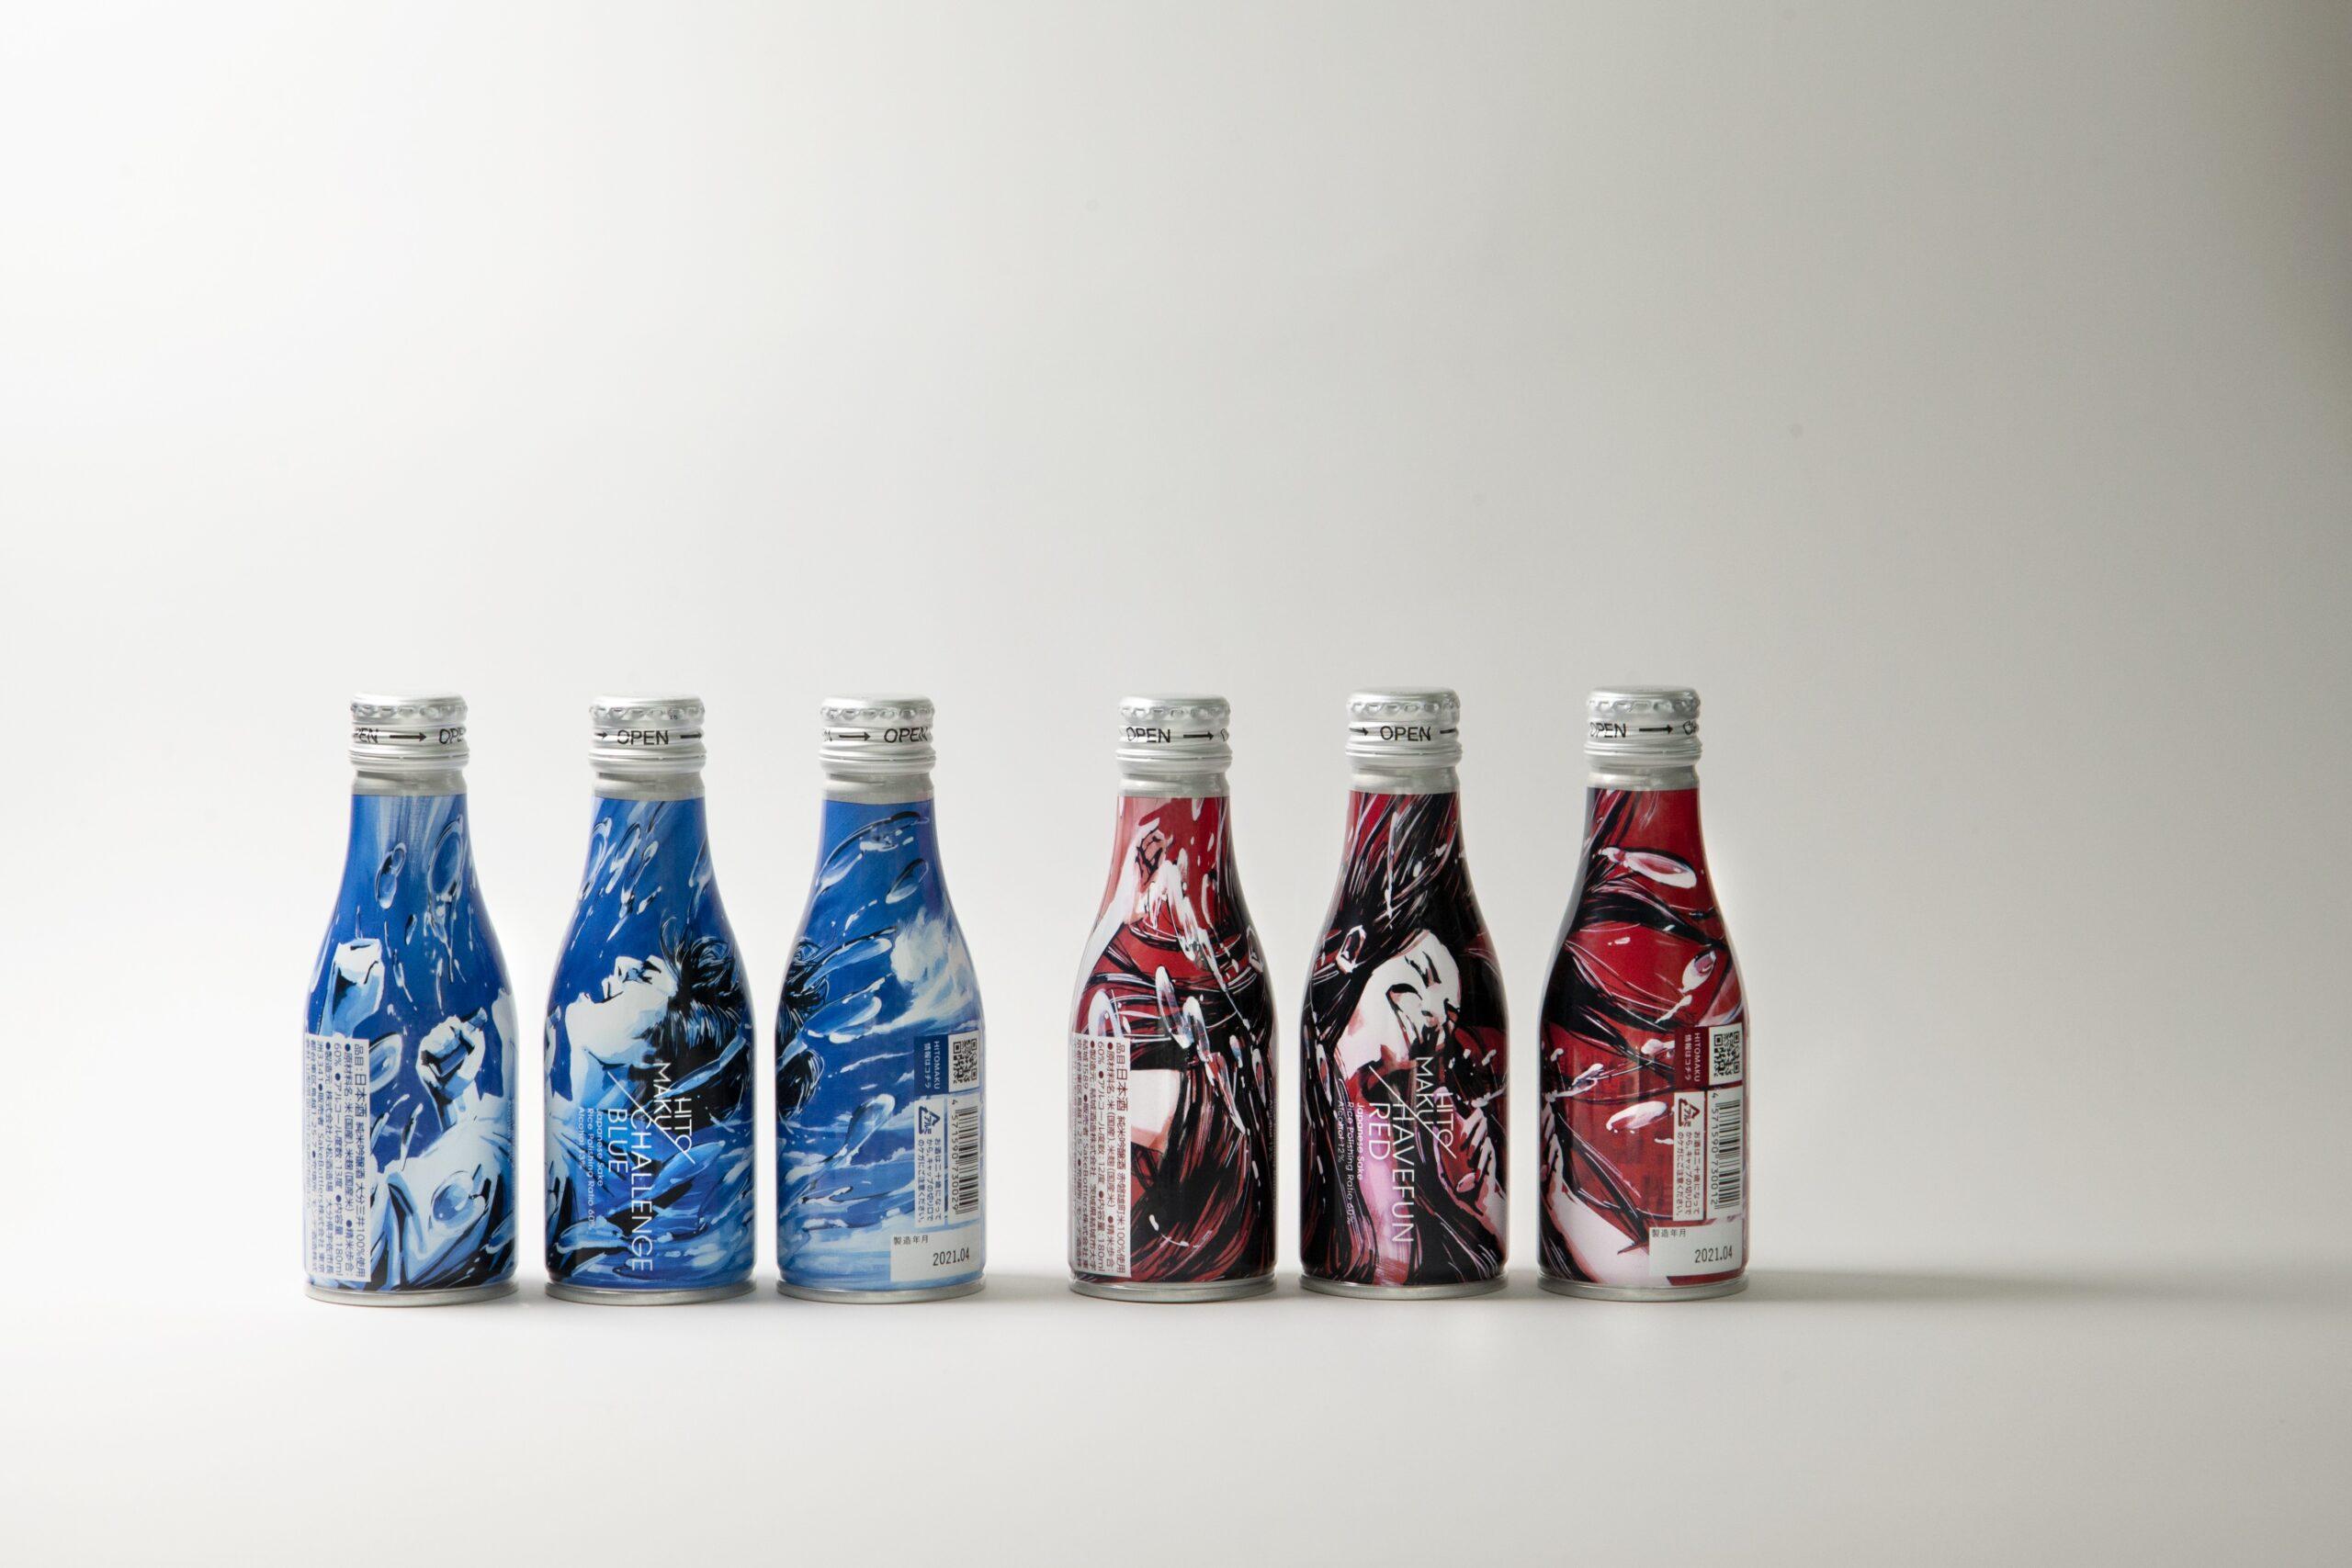 アウトドア、家飲みに最適な180mlの画期的デザインの日本酒ボトル缶、クラウドファンディングプロジェクトで200万円突破!2021/5/30で募集終了!